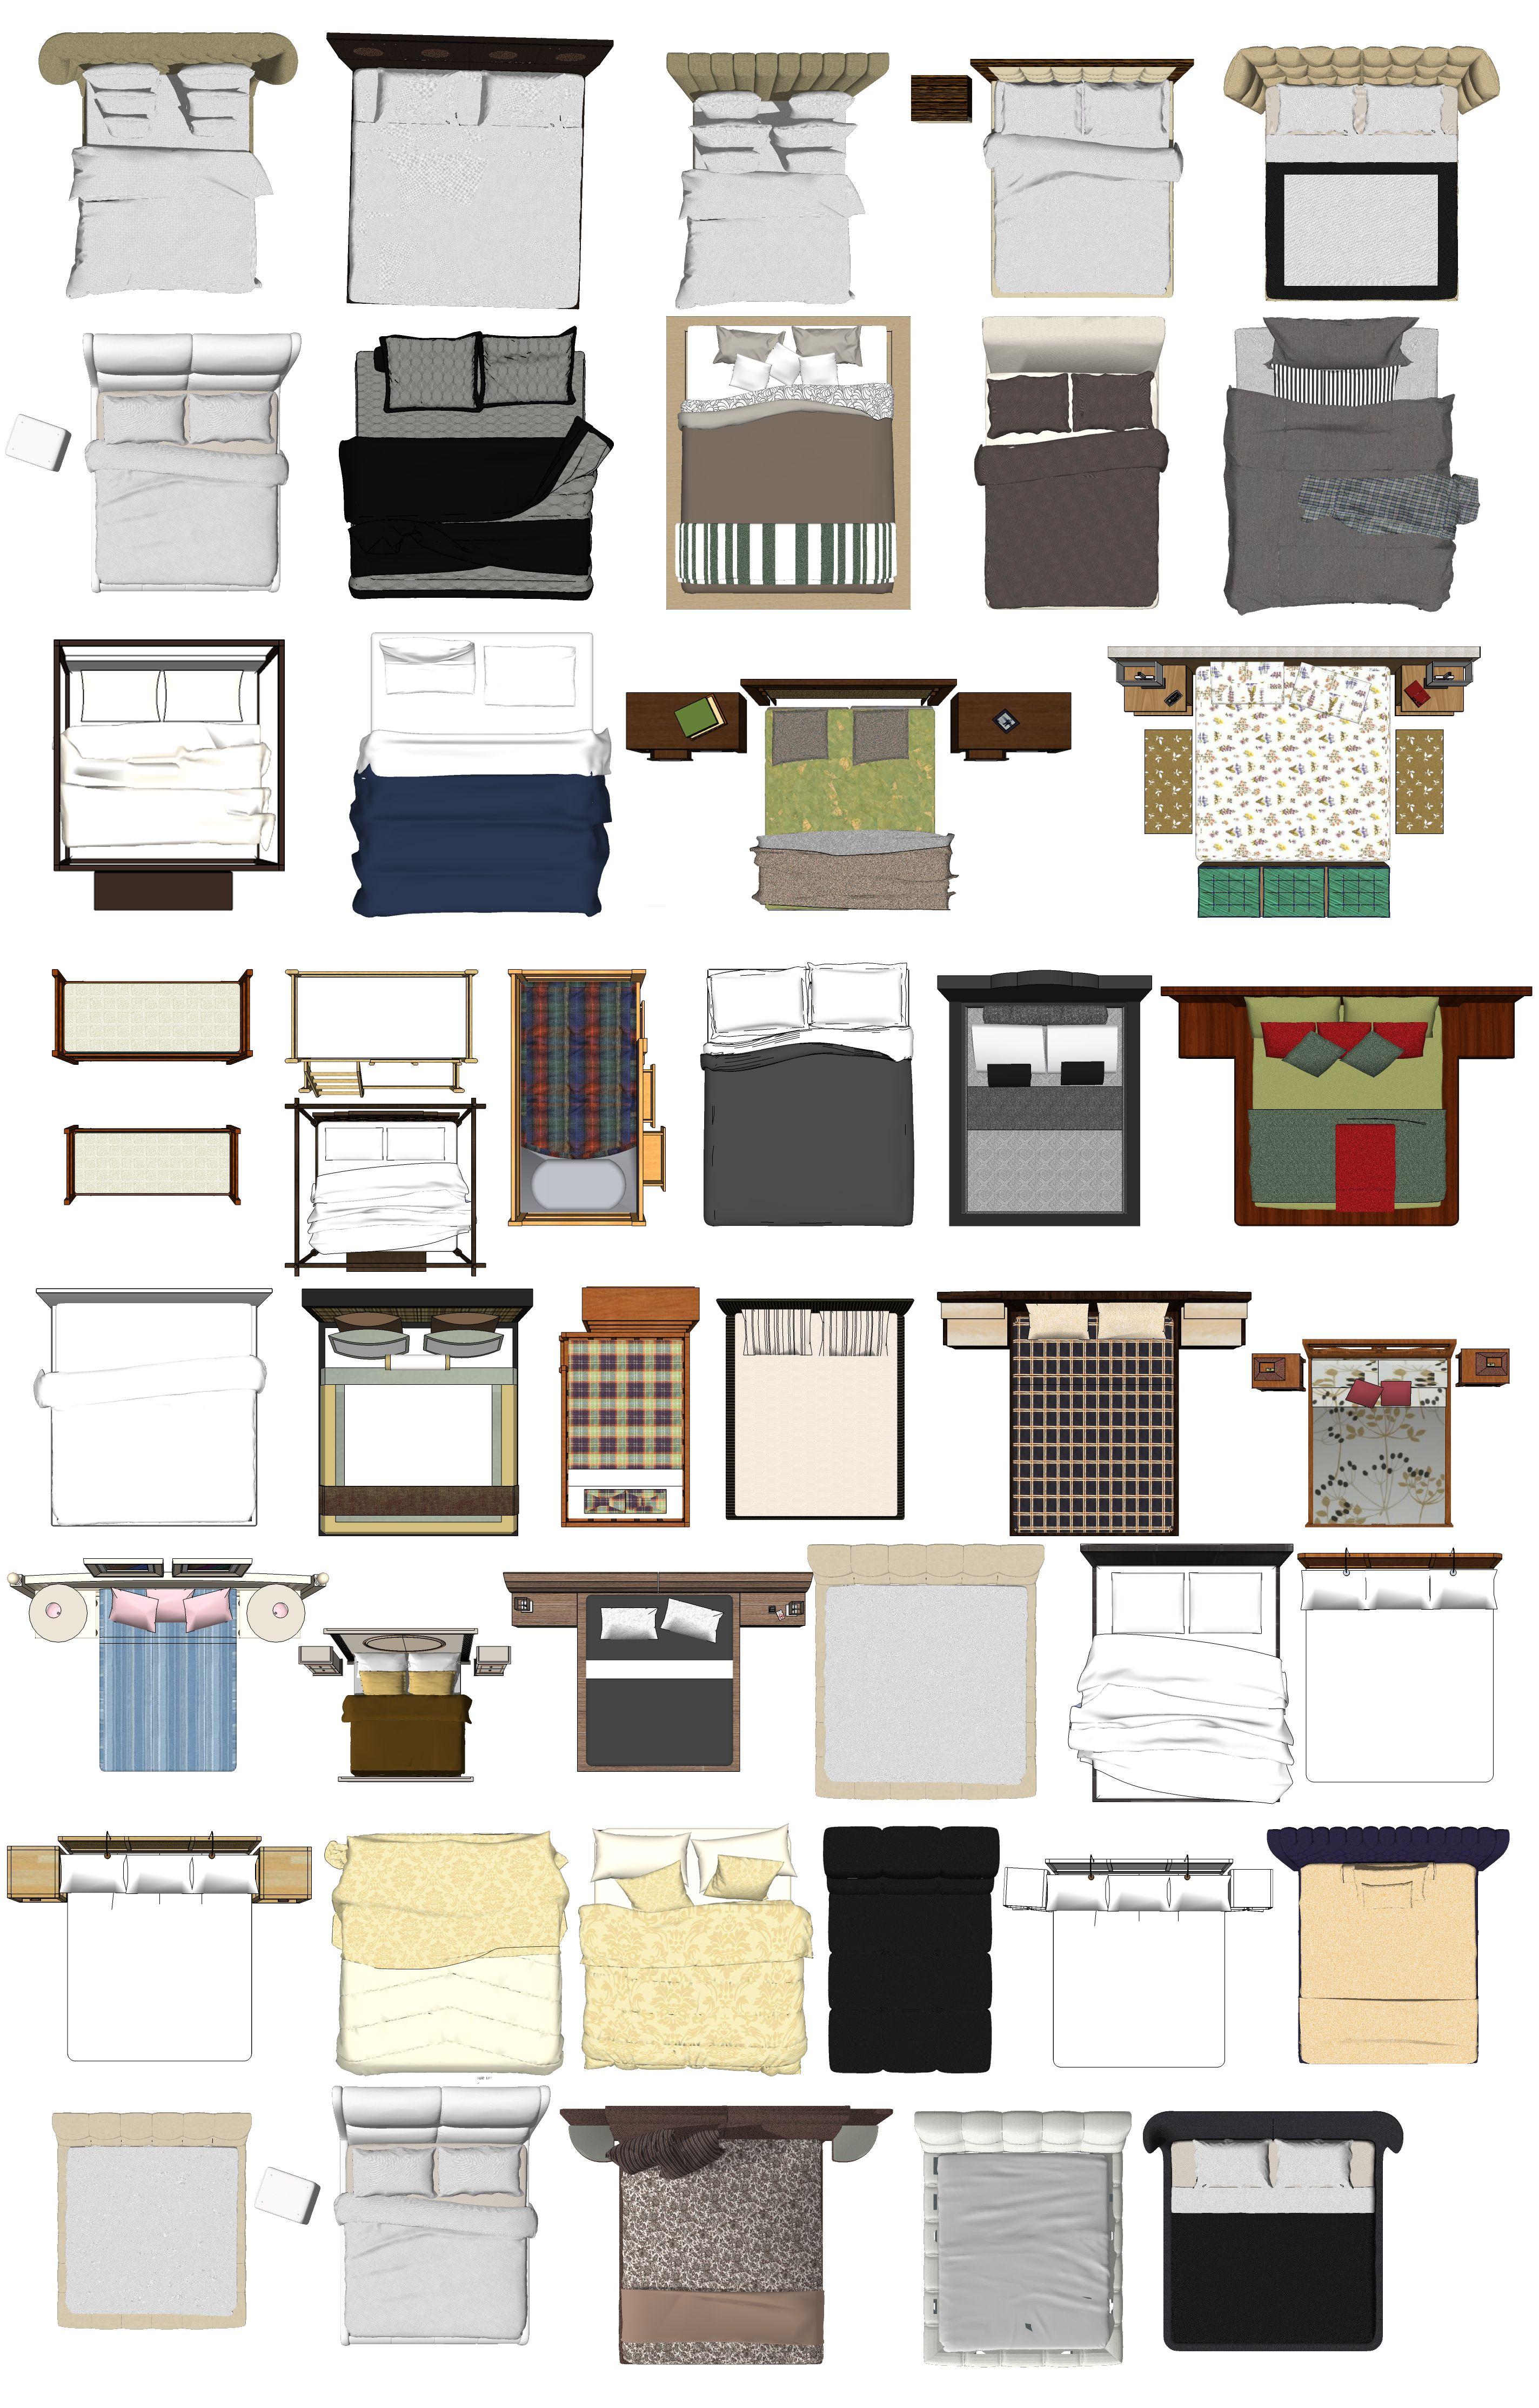 Bed blocks 2 arredi in pianta planimetrie di case for Progettazione mobili 3d